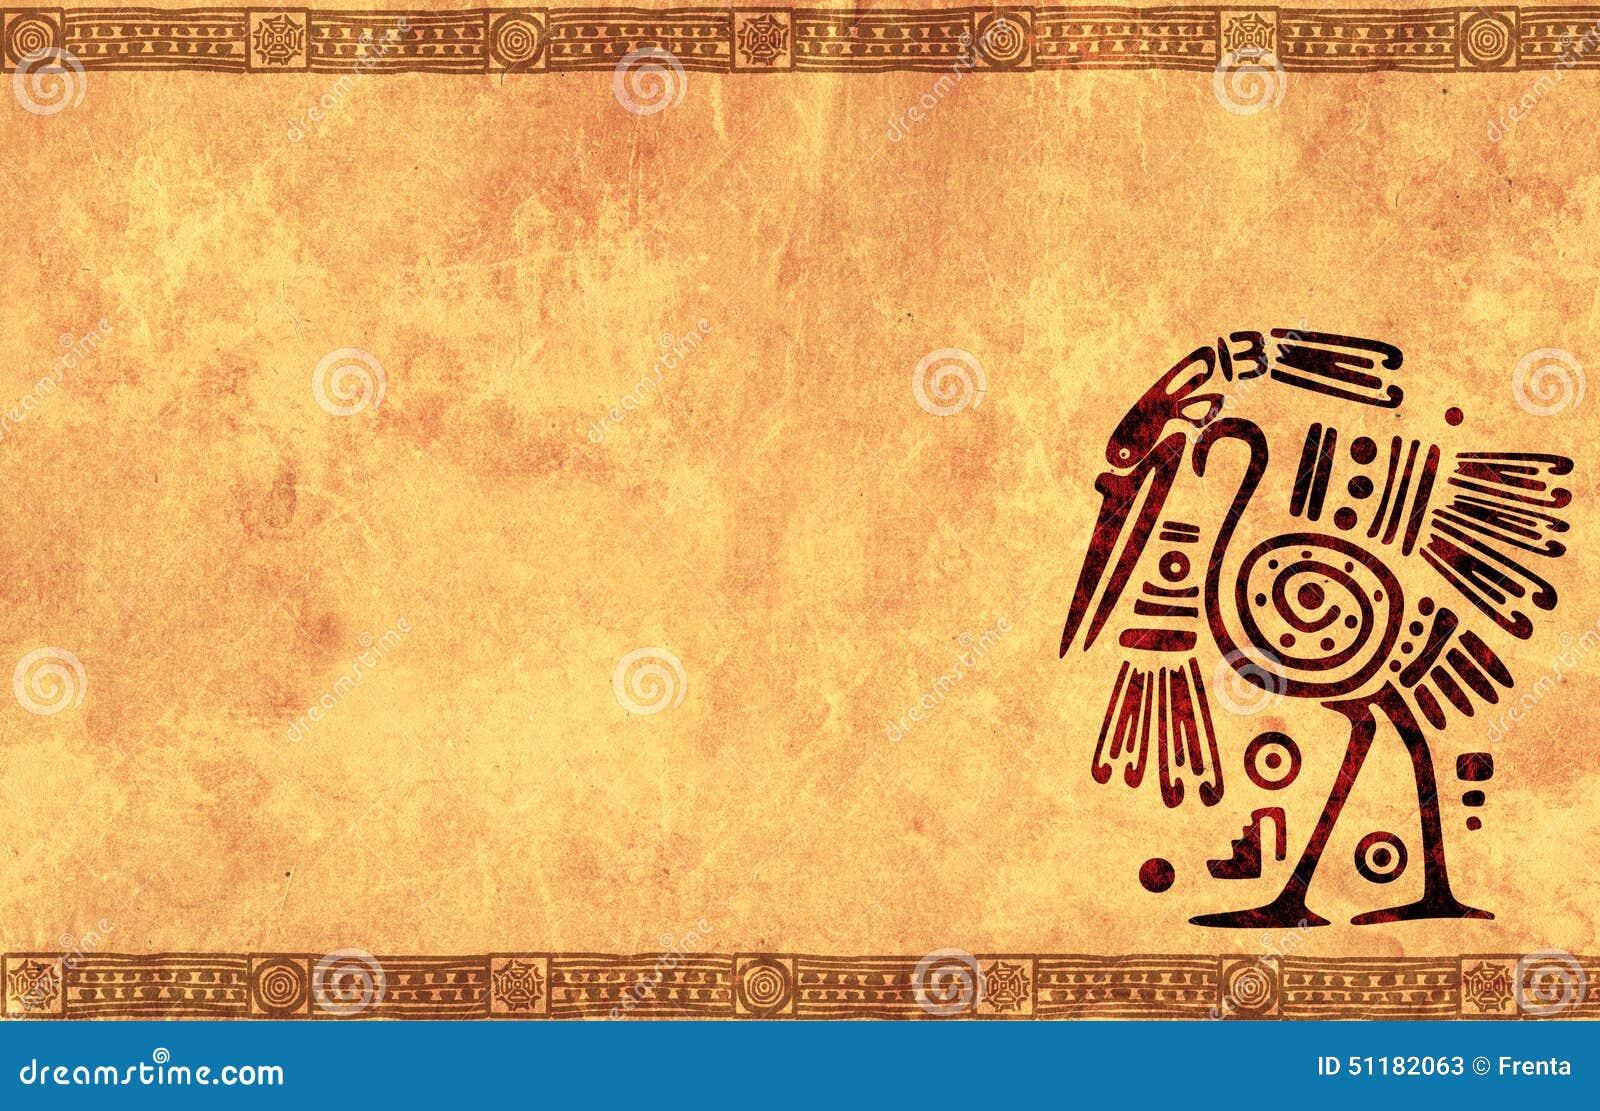 Ancient Mexican Designs Clip Art